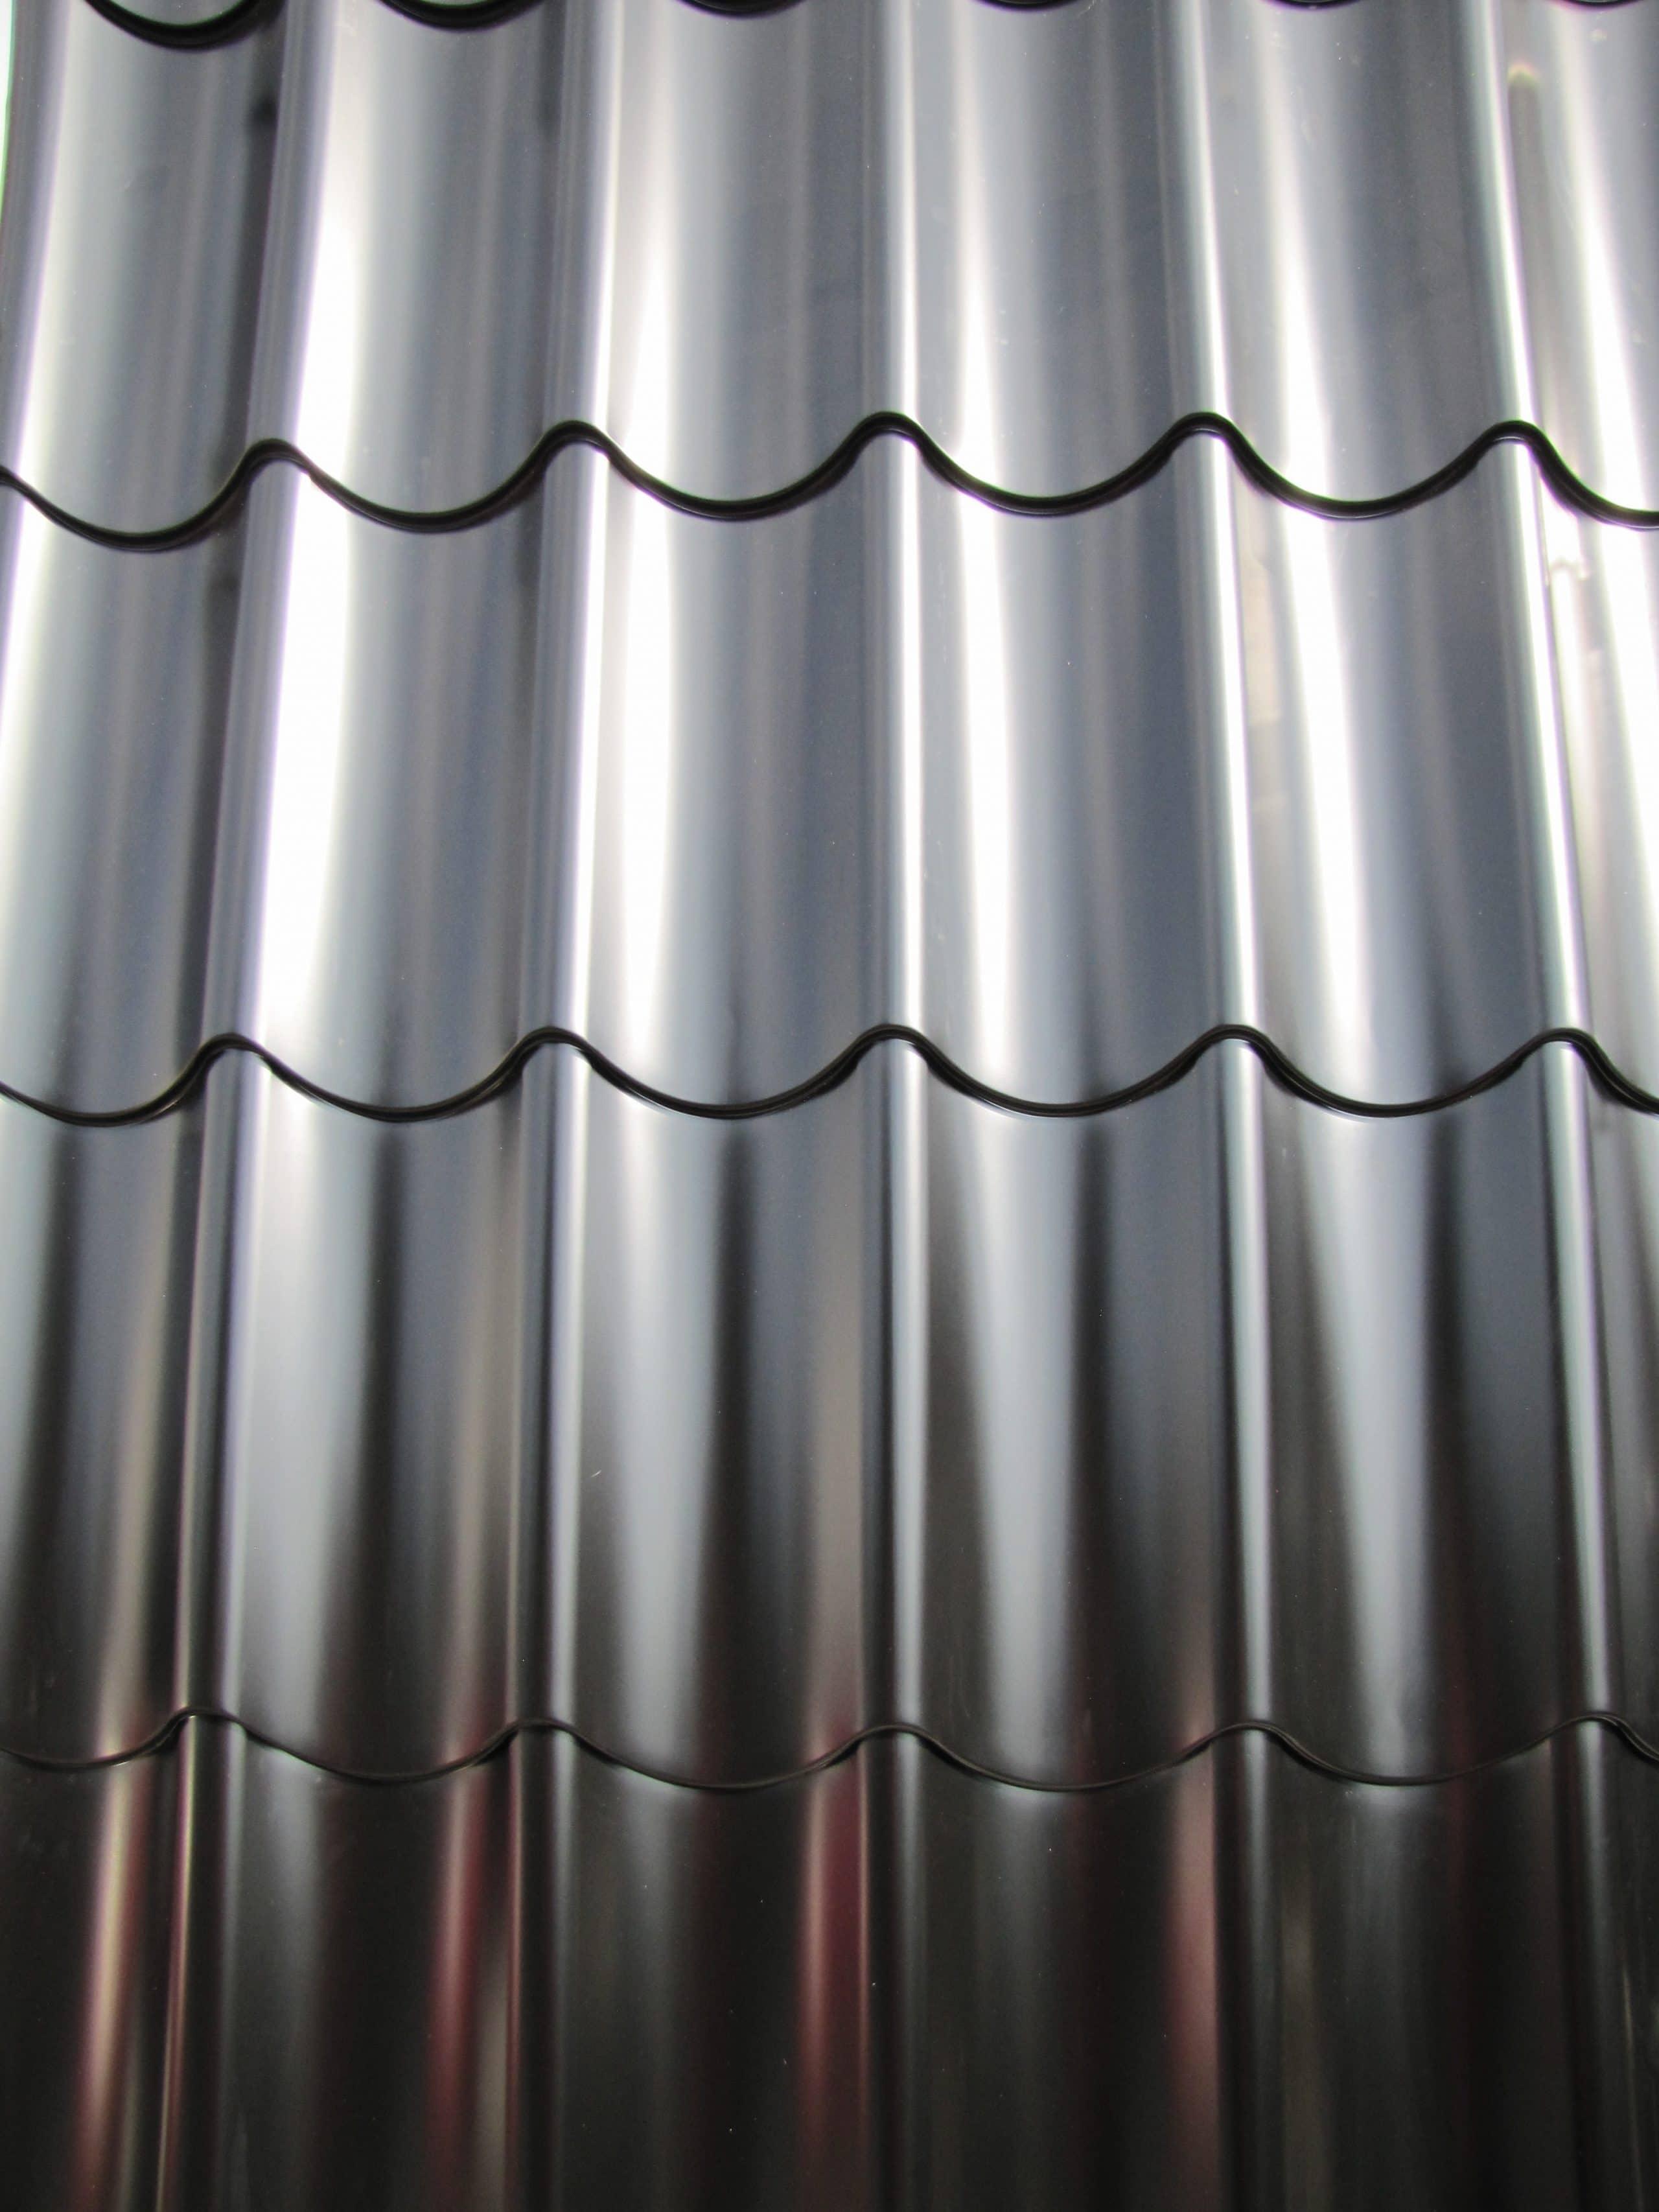 Wellblech St/ärke 0,50 mm Profilblech Wandblech Farbe Hellelfenbein Profil PS18//1064CW Material Stahl Beschichtung 25 /µm